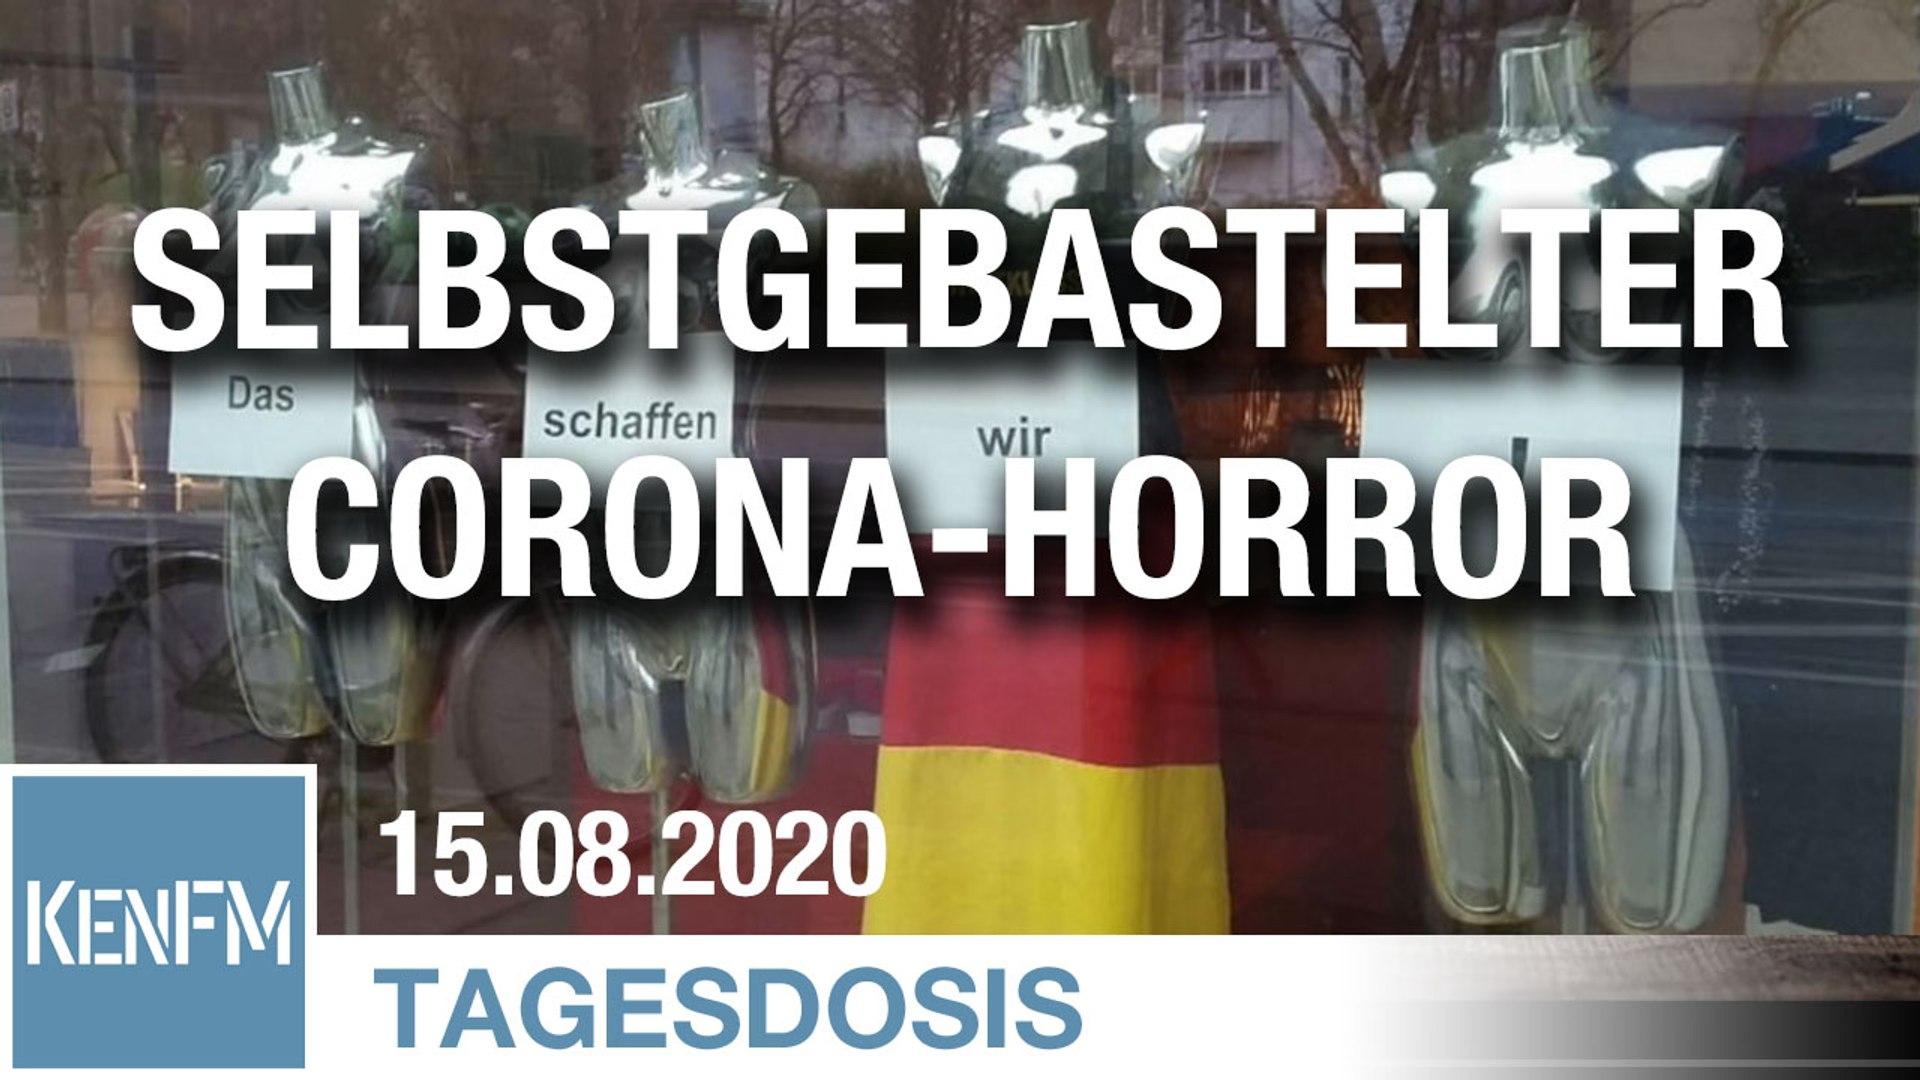 Selbstgebastelter Corona-Horror | Von Hermann Ploppa